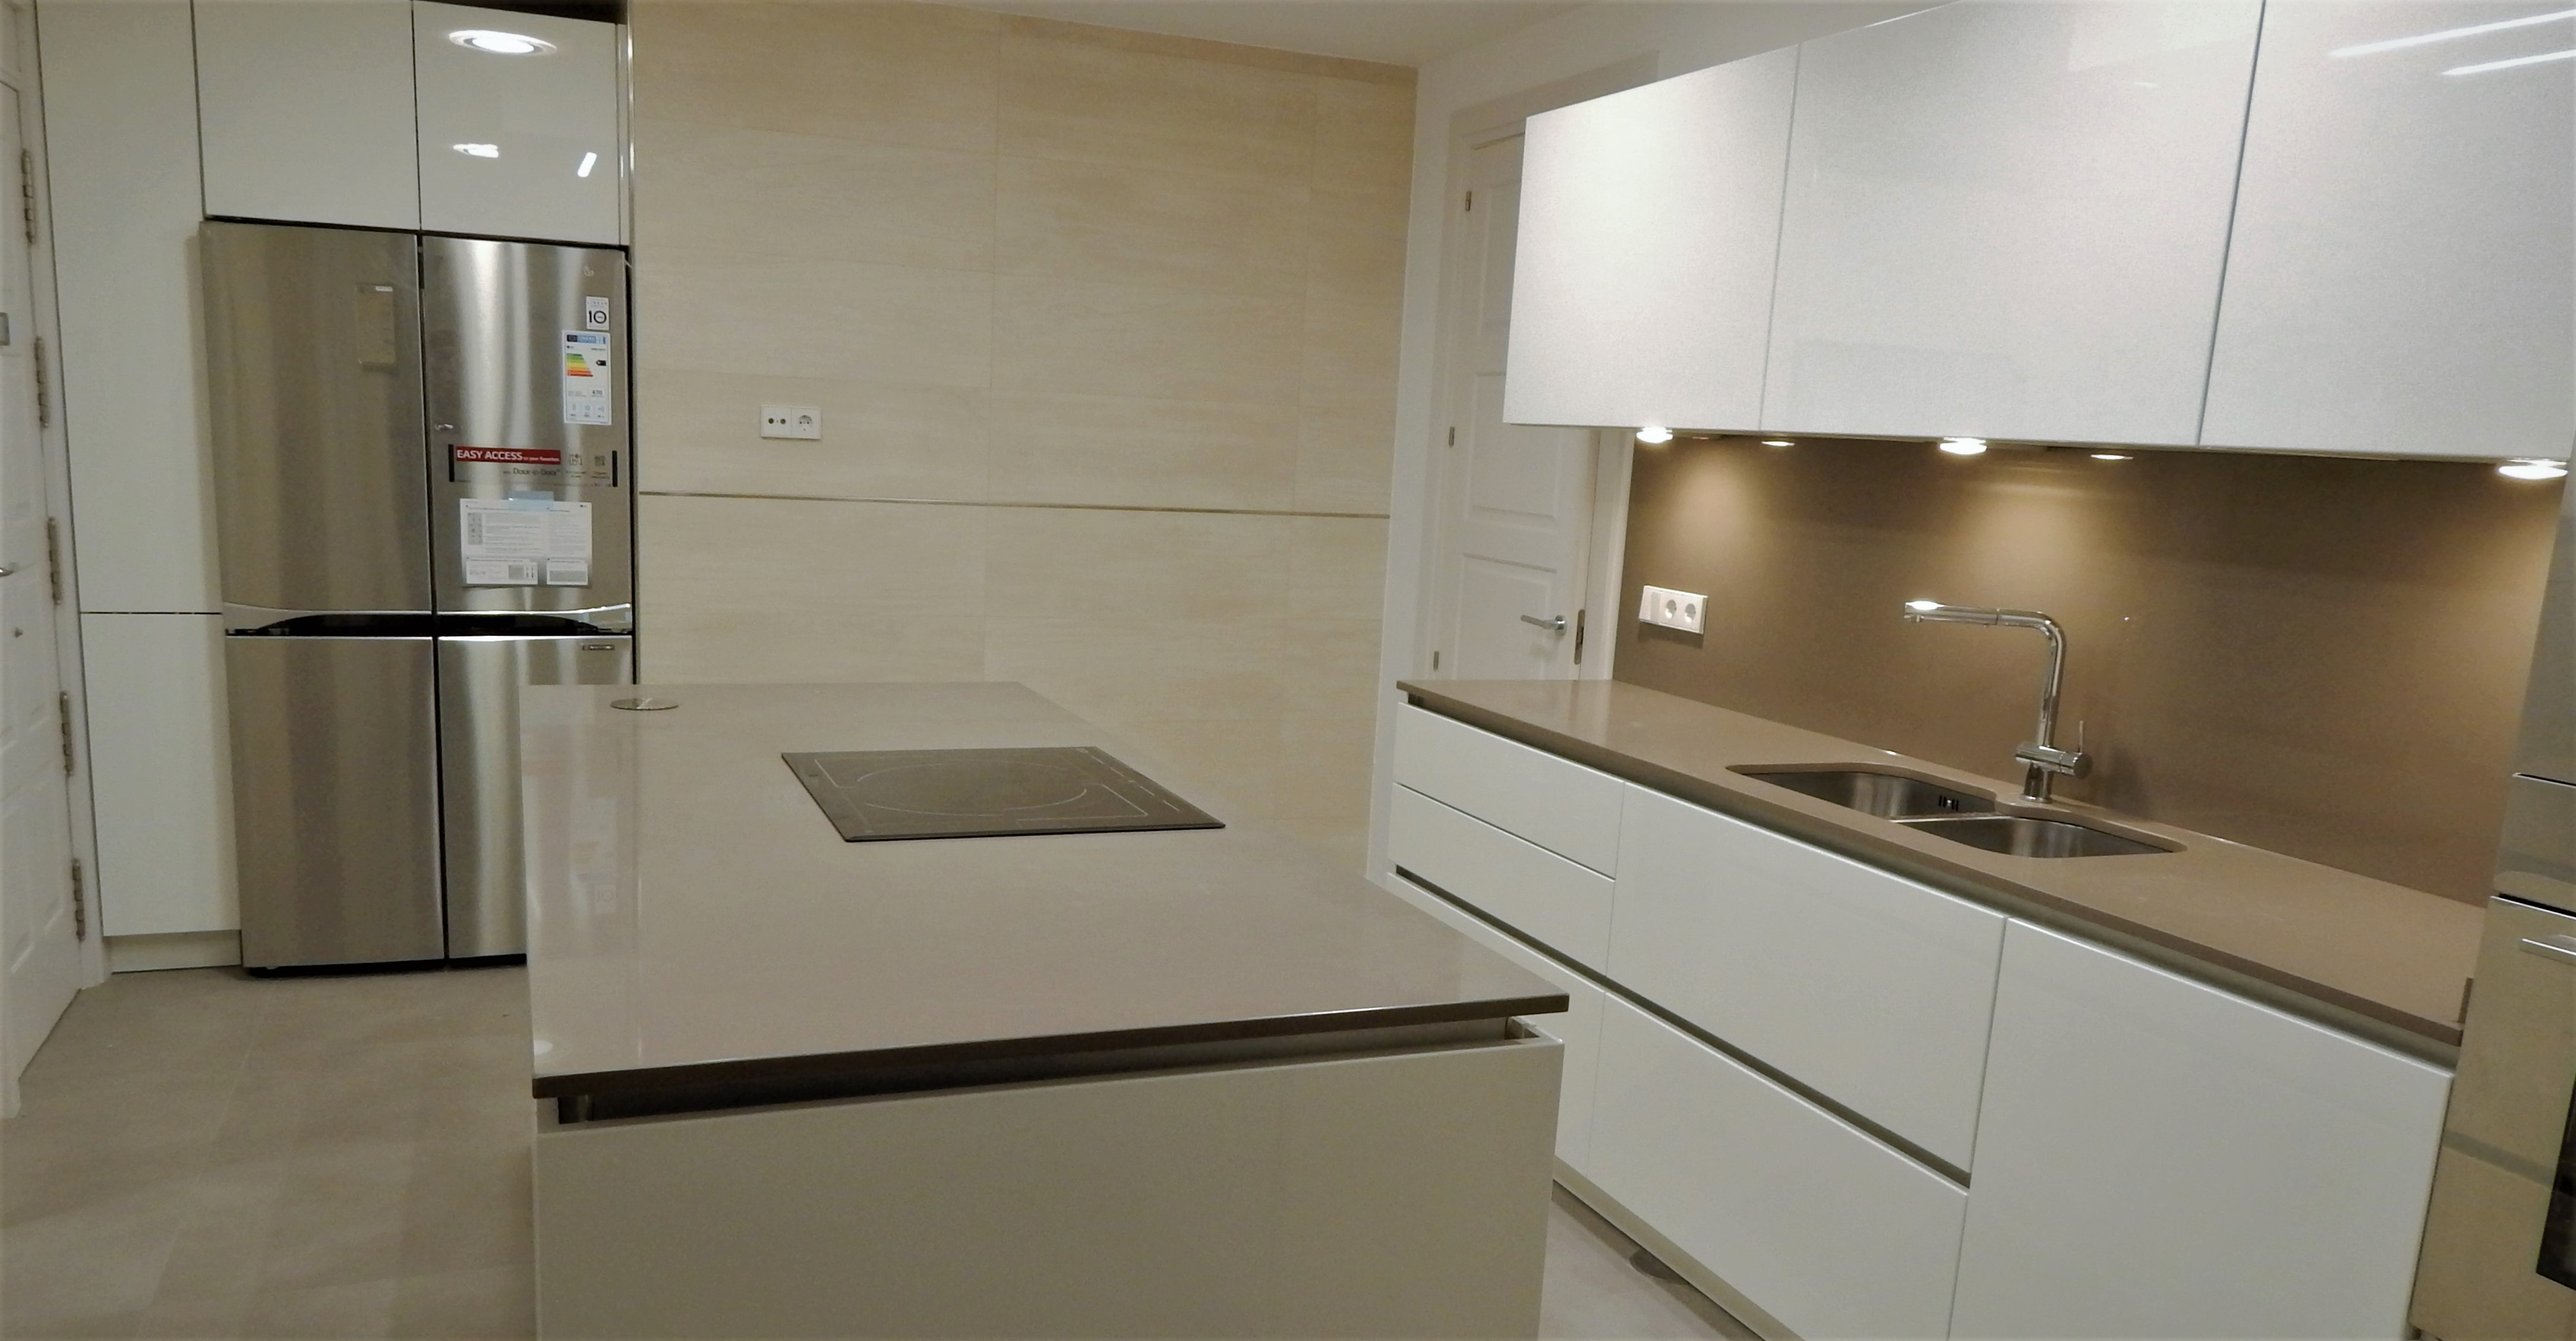 Muebles de cocina en laca mate de tacto sedoso modelo avus - Cocina blanca mate ...